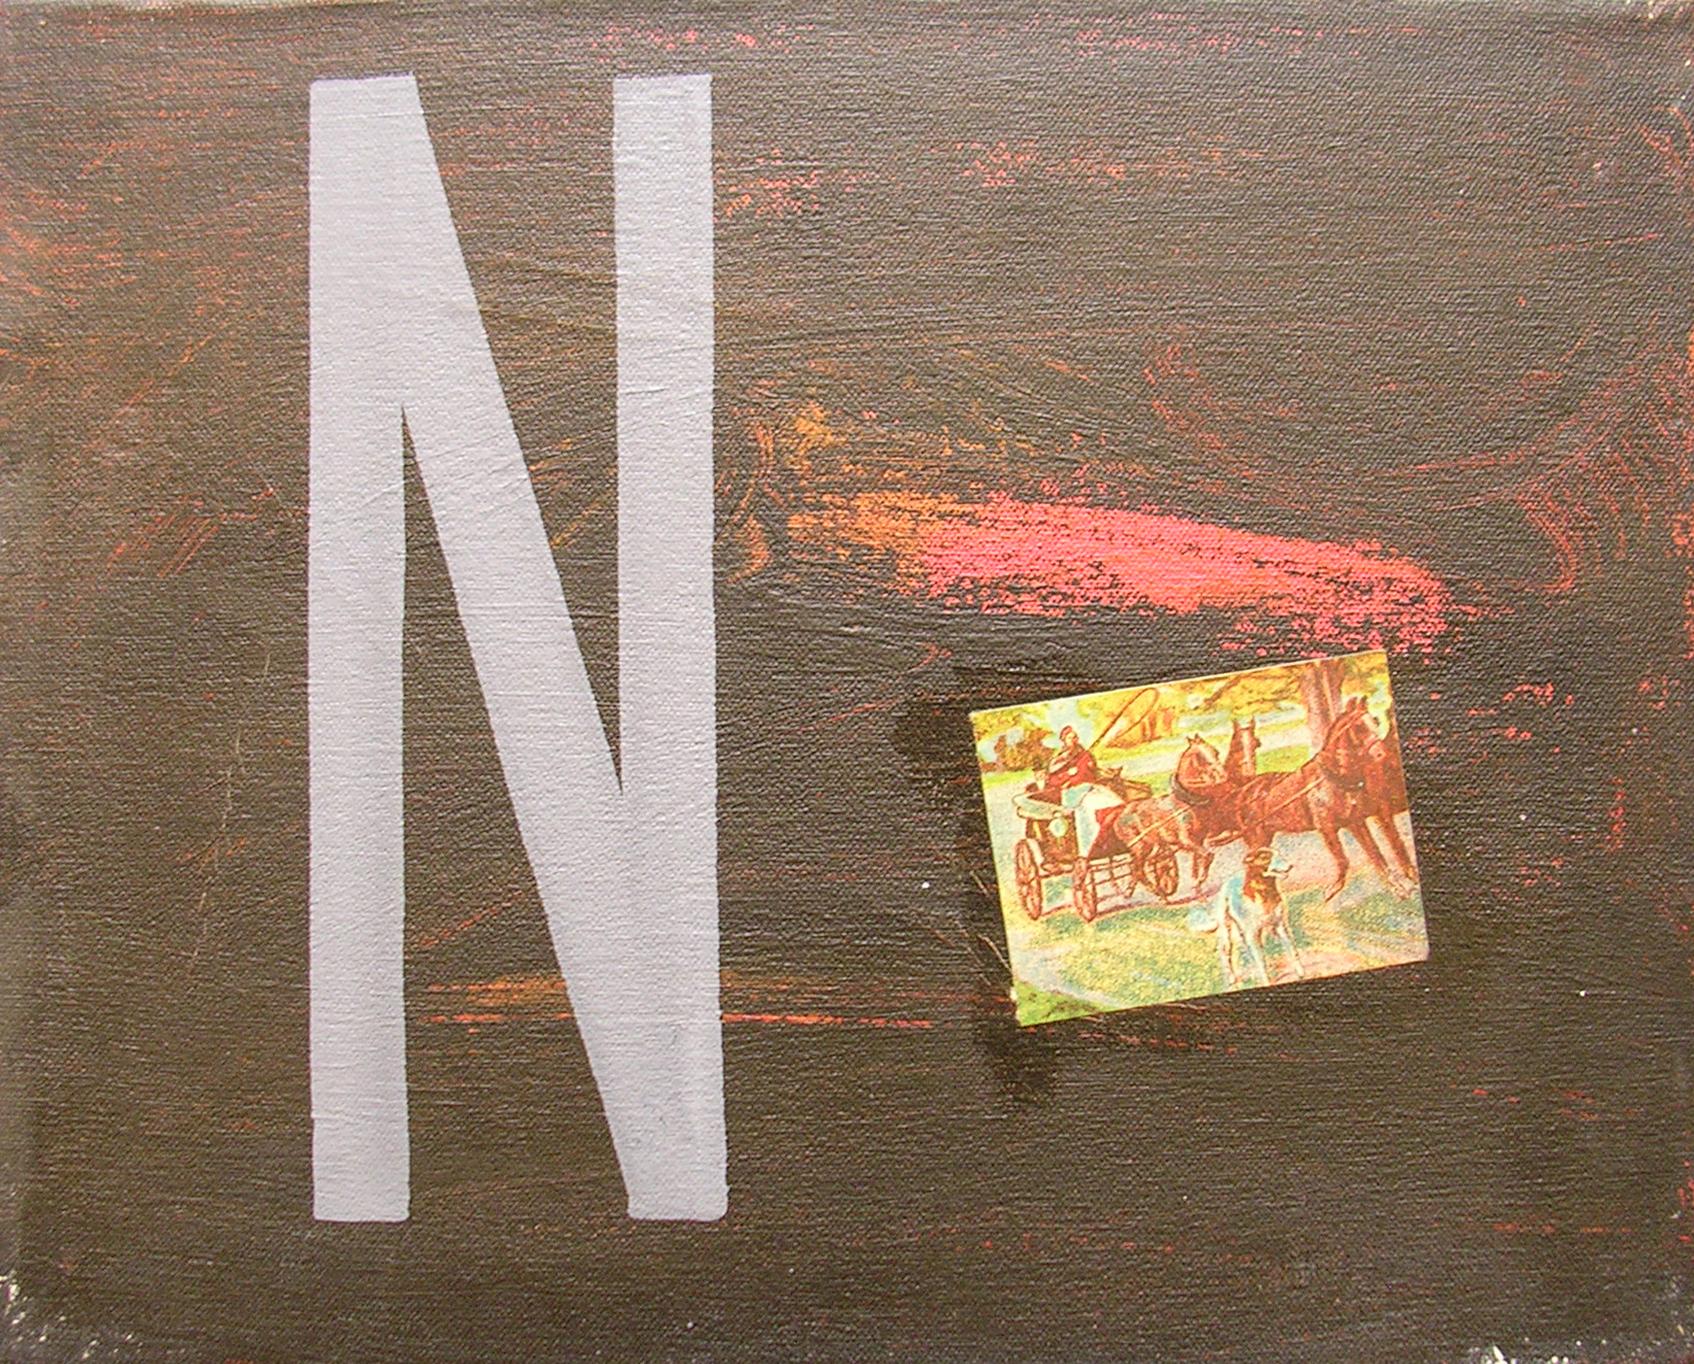 Abecedario N Noche ; objetos ensamblados, tela, papel sobre bastidor, 30 cm x 40 cm, 2007